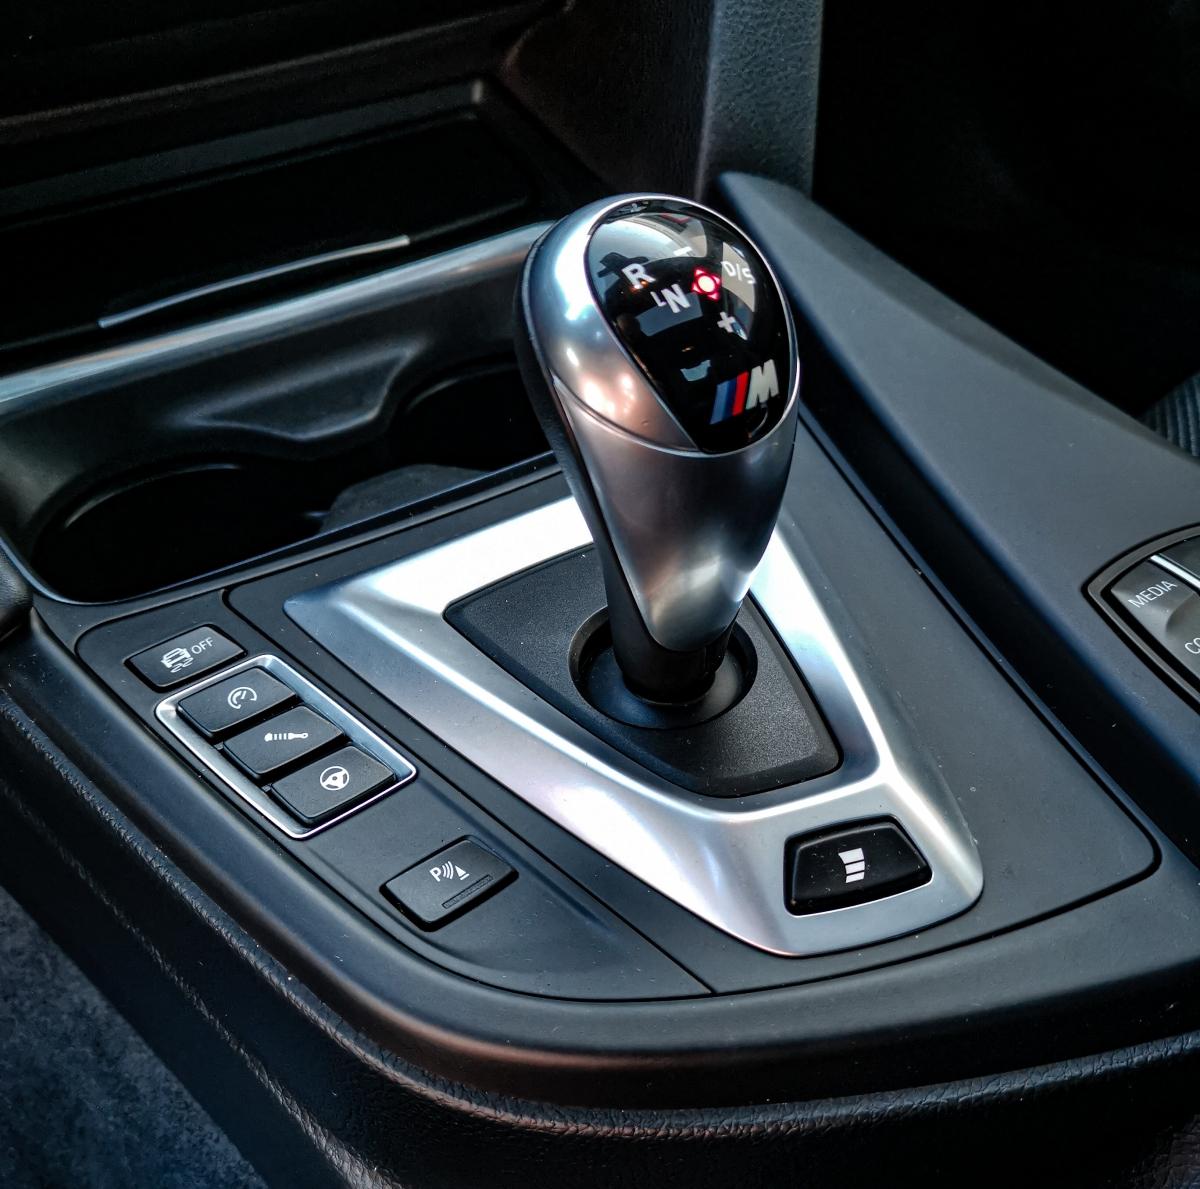 DKG 436 Gen2 BMW M2, M3, M4 F-Modelle Getriebeoptimierung